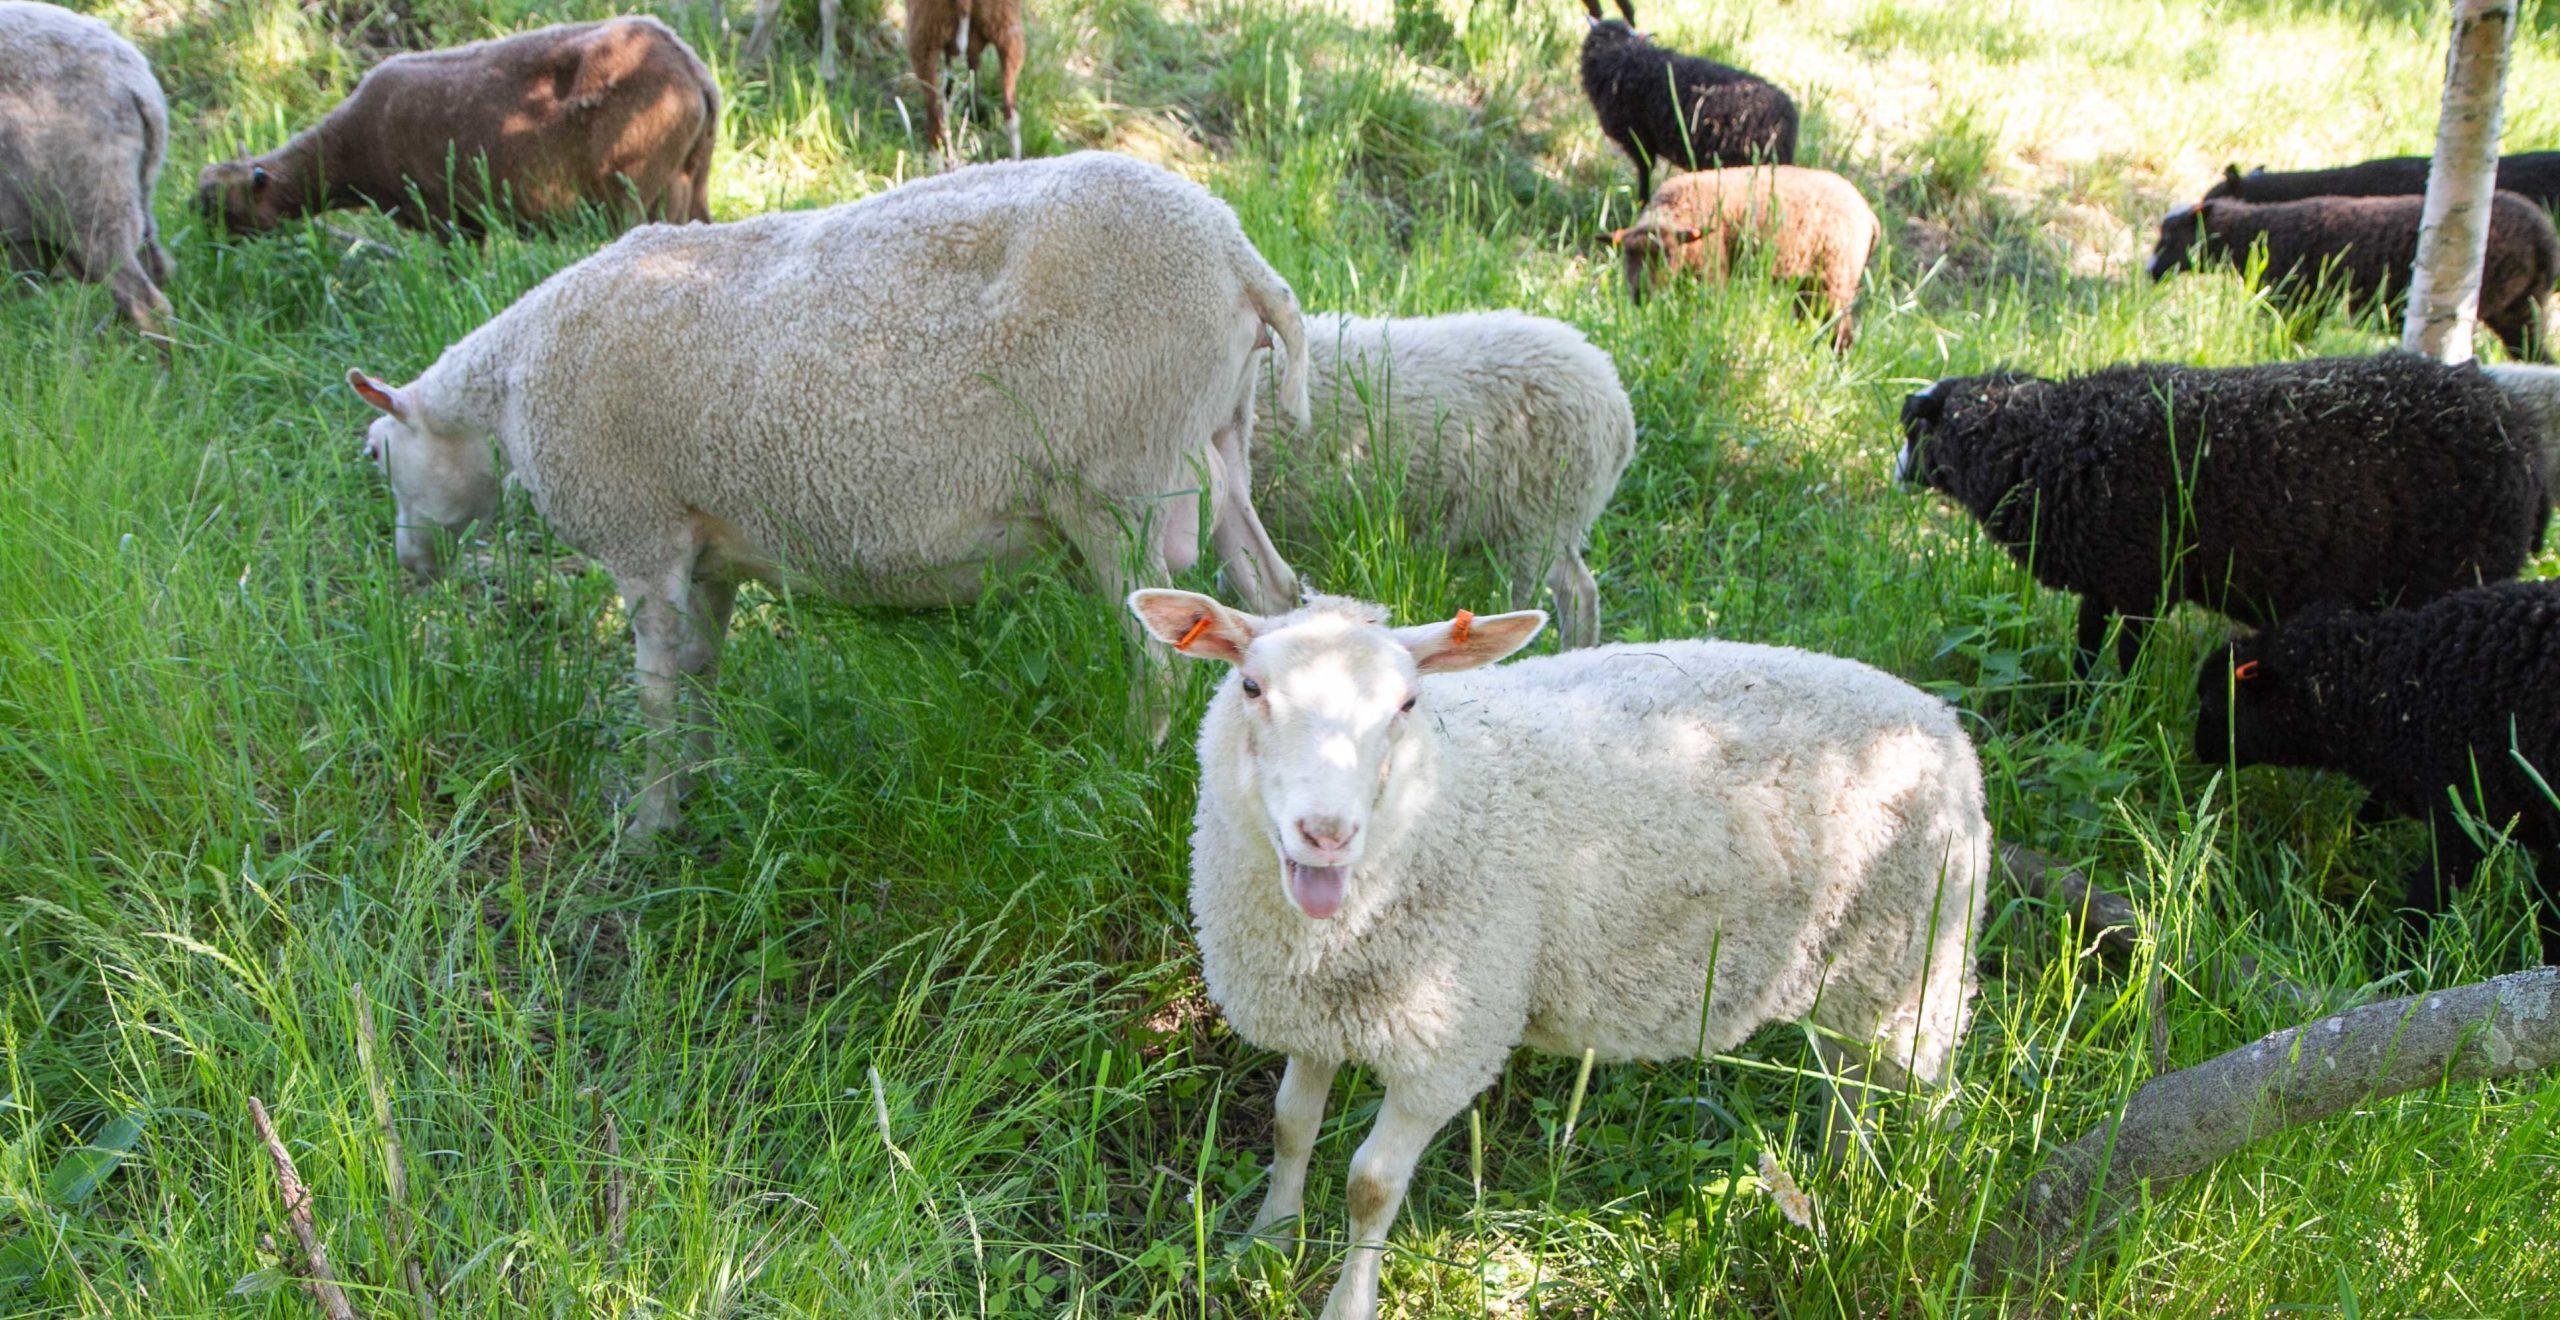 Lampaat ovat välillä Haltialan niityillä. Ne syövät siellä ruohoa ja huolehtivat, että maisema säilyy alkuperäisenä.